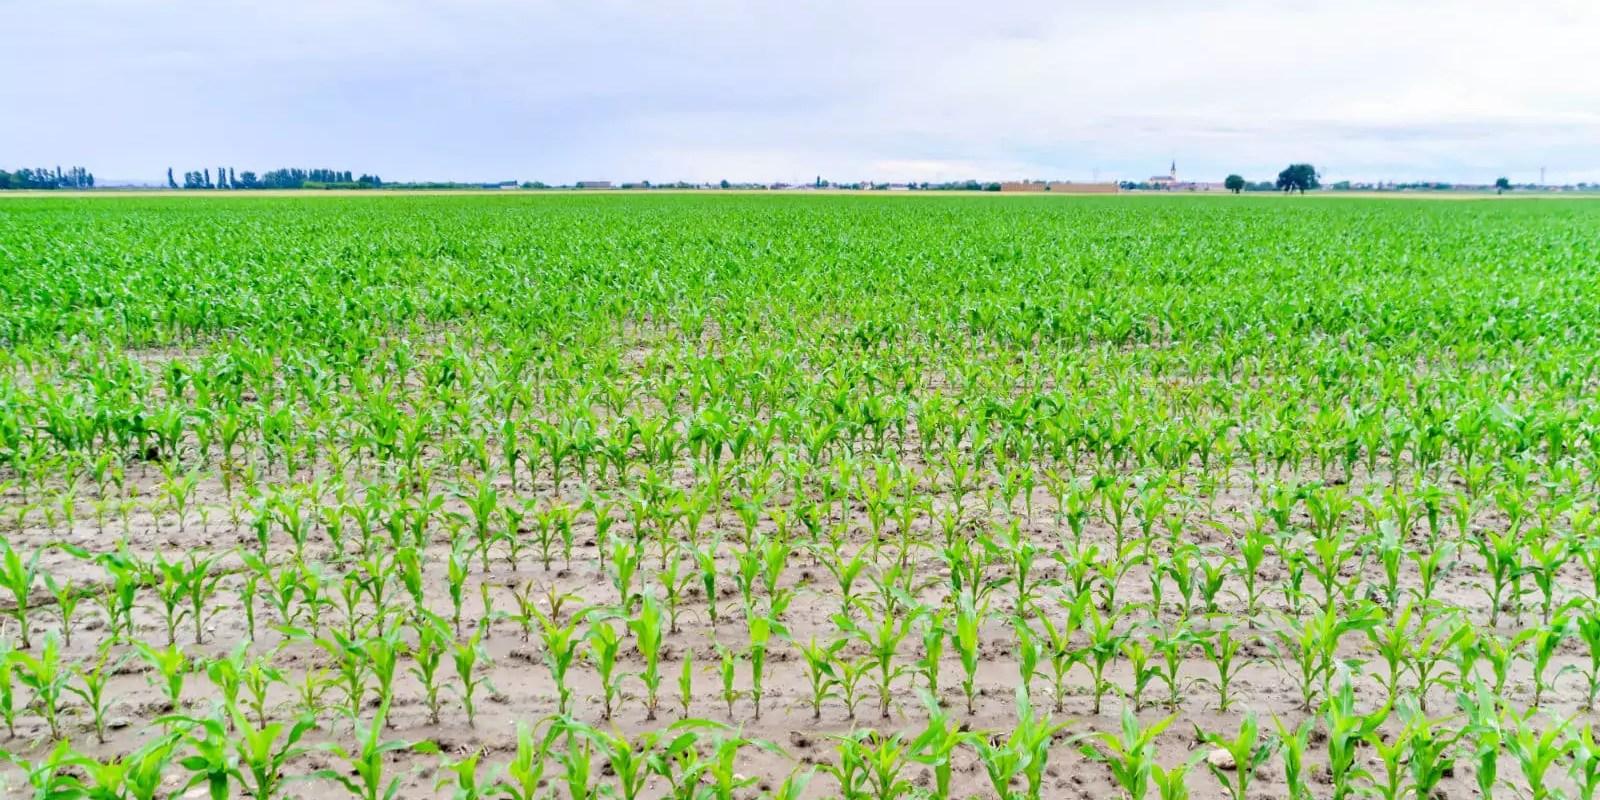 Pourquoi tant de maïs dans la plaine d'Alsace